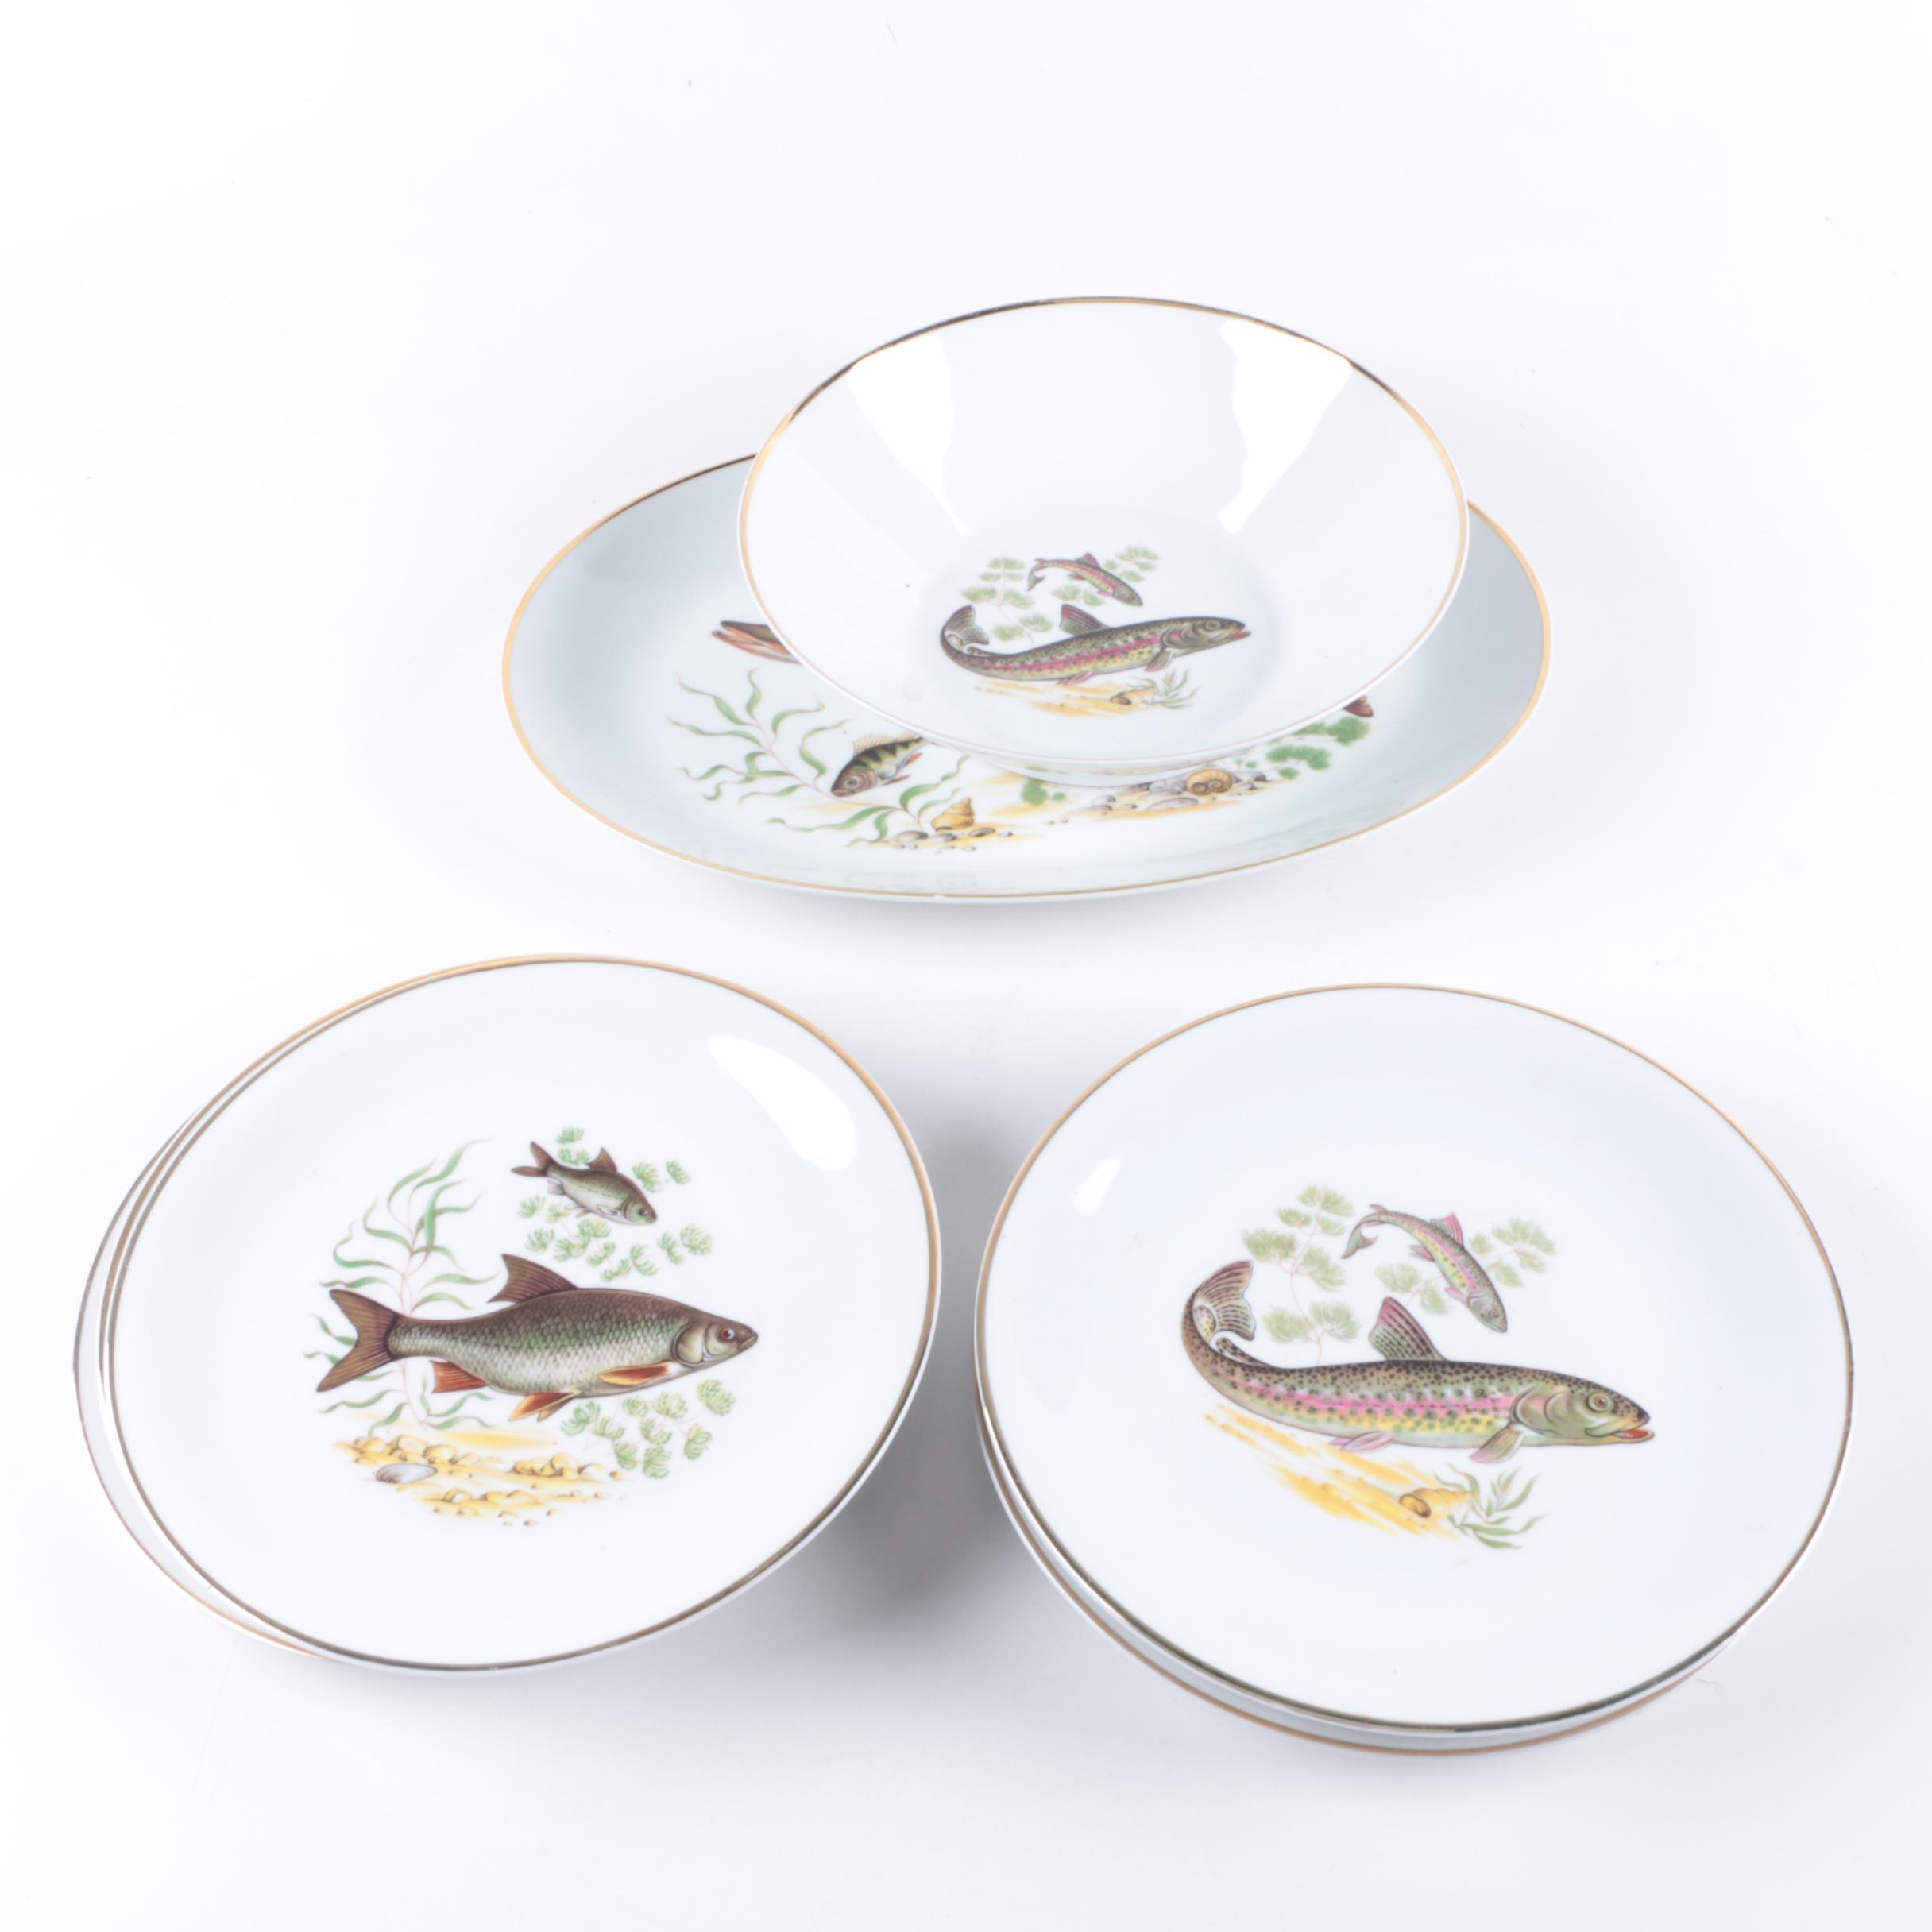 Hutschenreuther \ Fish\  Plates ...  sc 1 st  EBTH.com & Hutschenreuther \